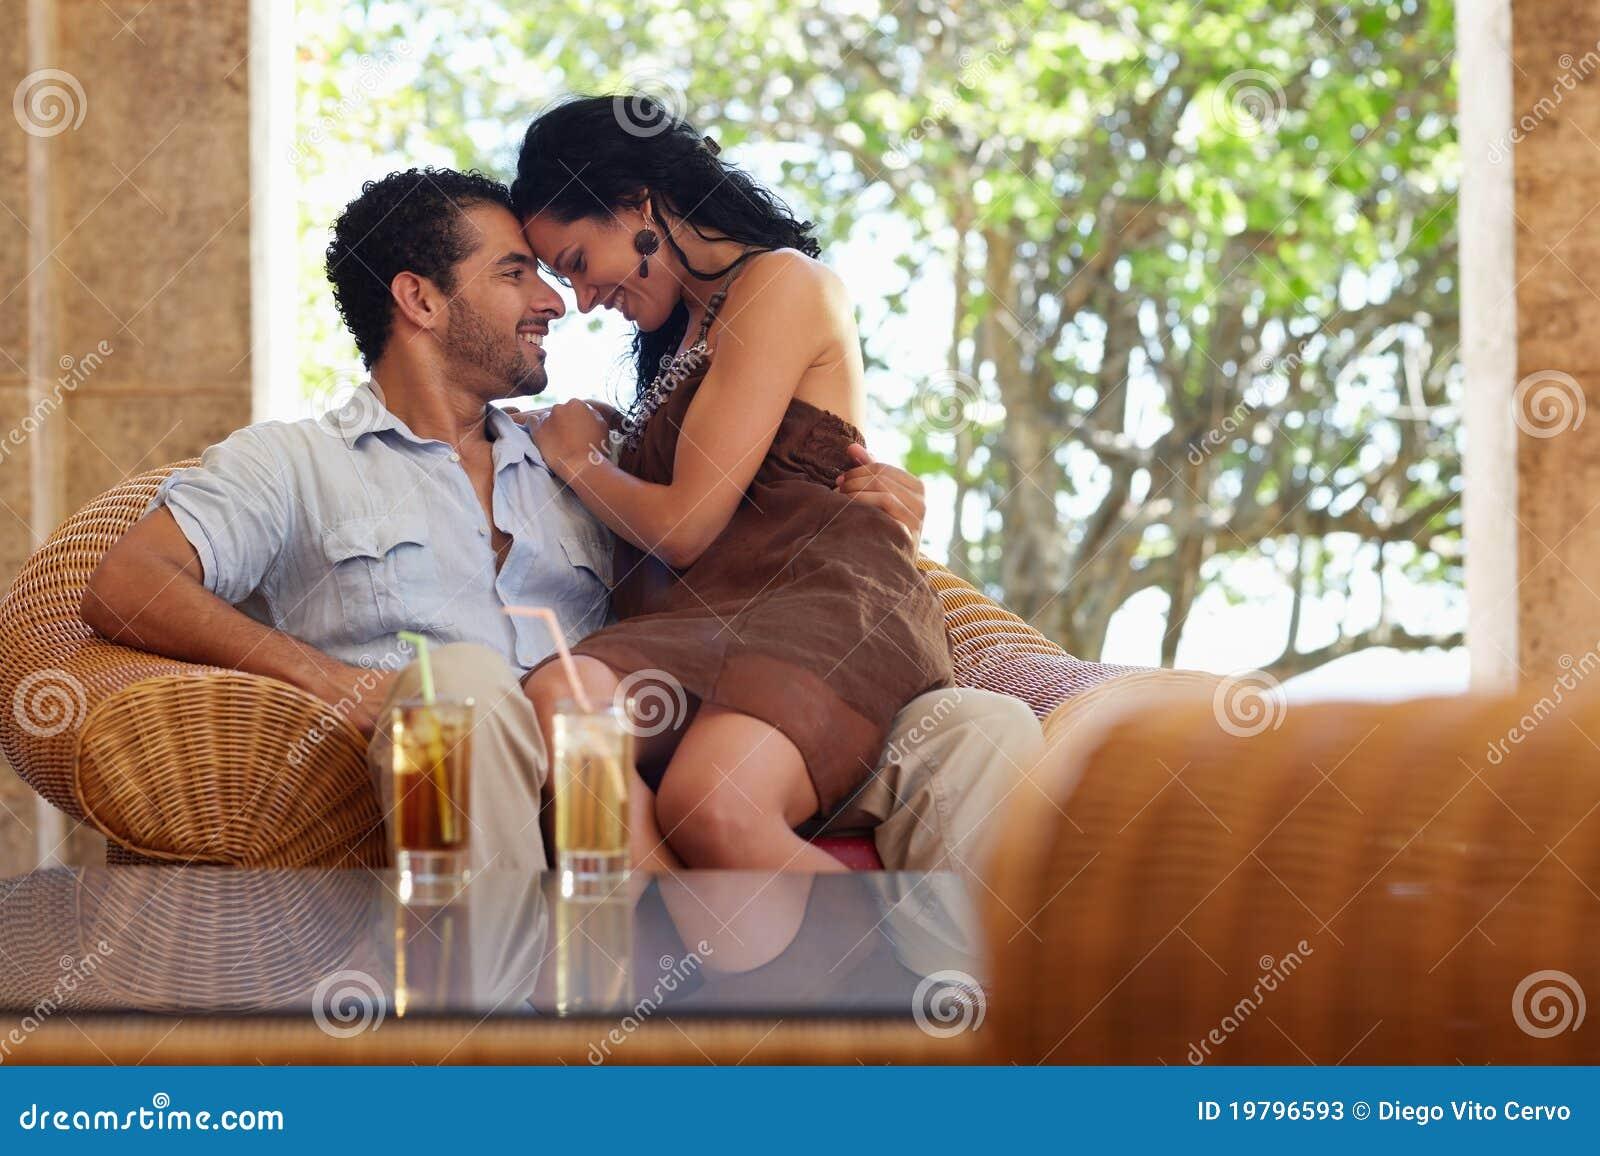 Hvad Gør Mand Og Kone På Bryllupsrejse